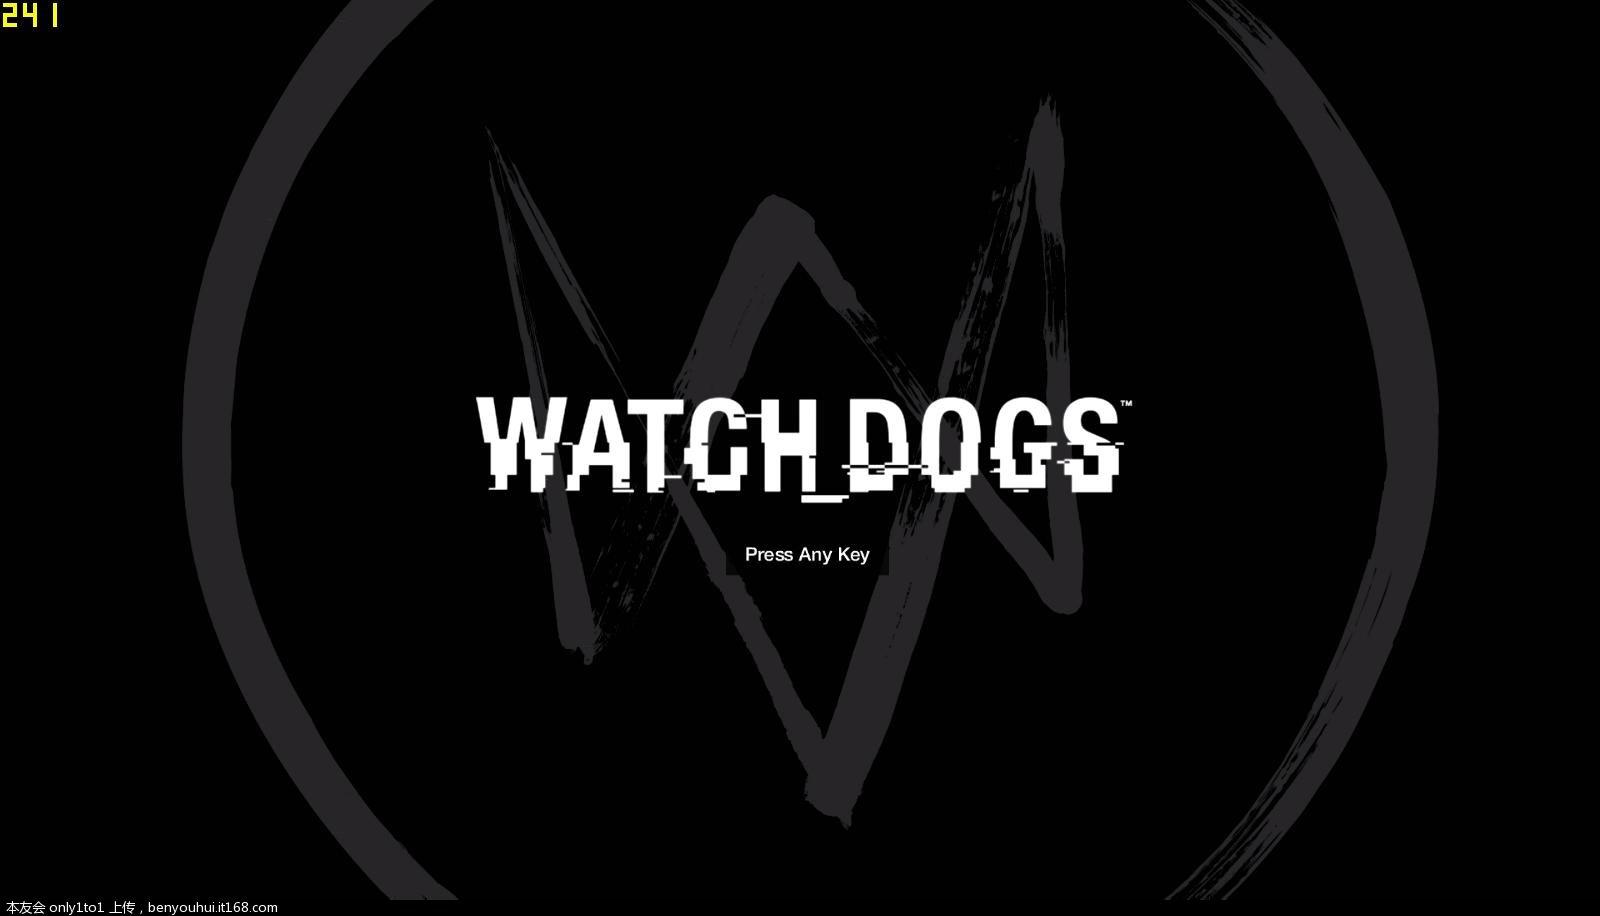 watch_dogs 2014-09-14 13-37-16-54.jpg